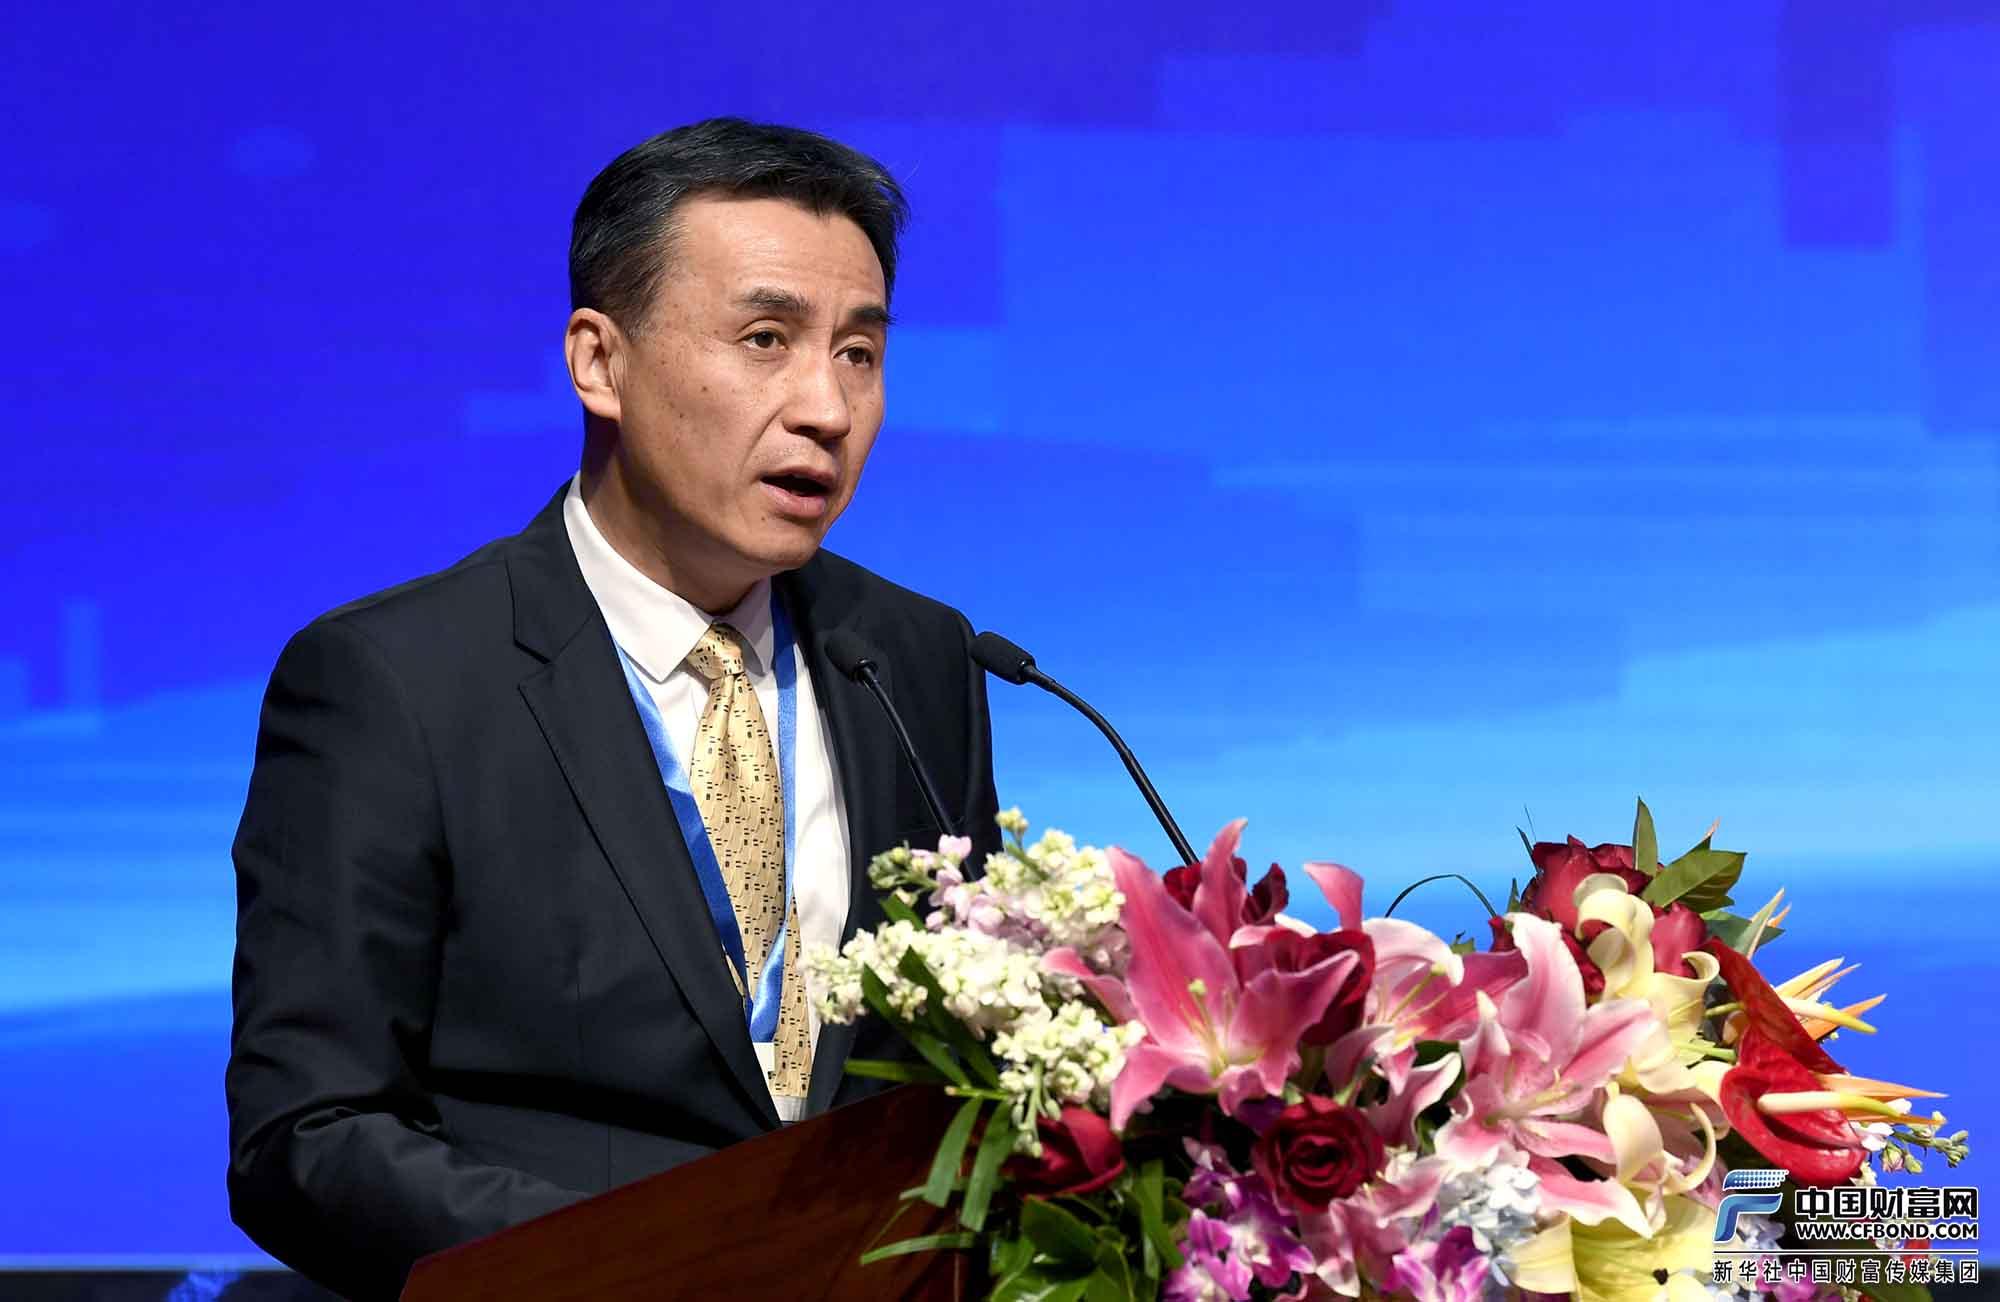 中国人民大学商学院院长毛基业做第三方评价